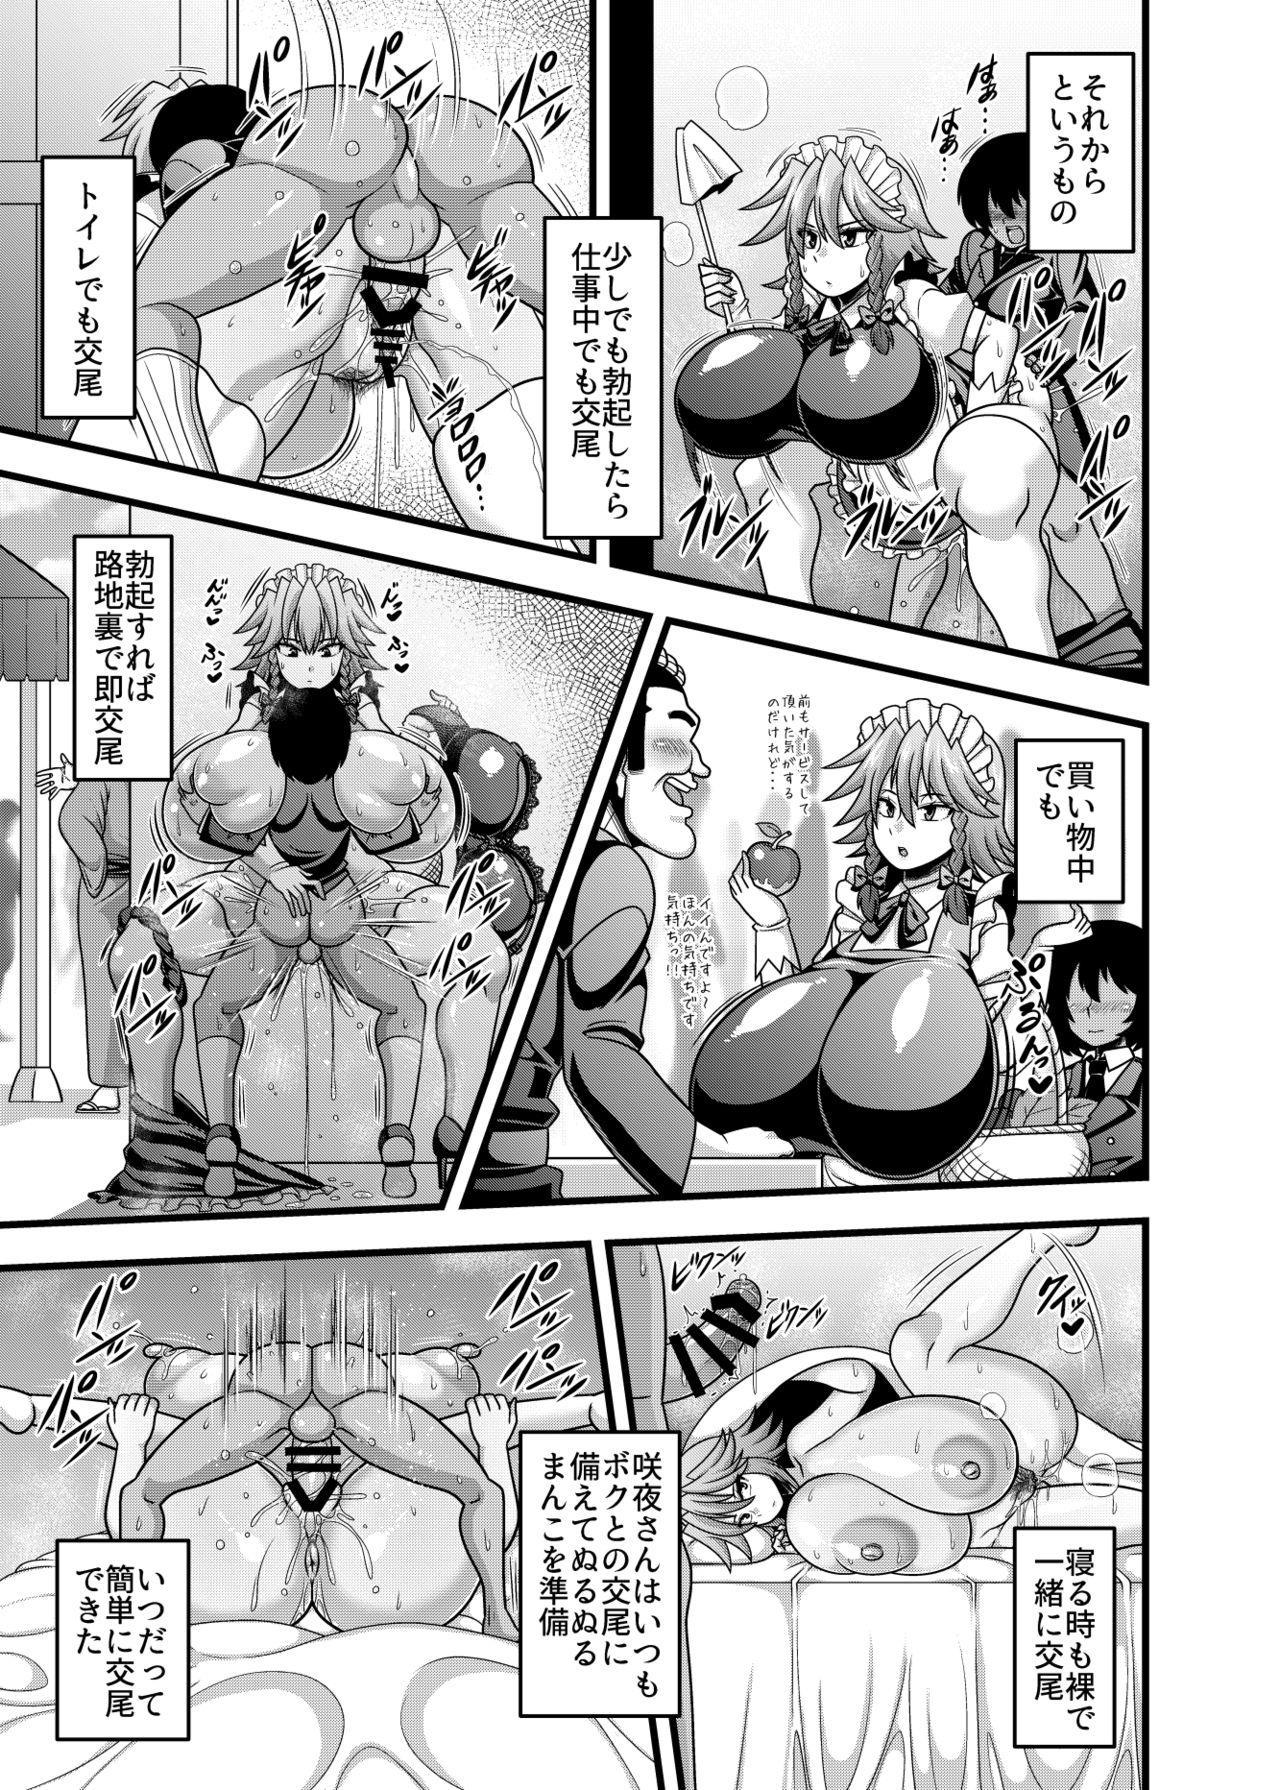 Sakuya-san no Oppai ga Susamajiku Ookikatta no de Saiminjutsu o Tsukatte Totemo Nakayoku Natta Hanashi 11